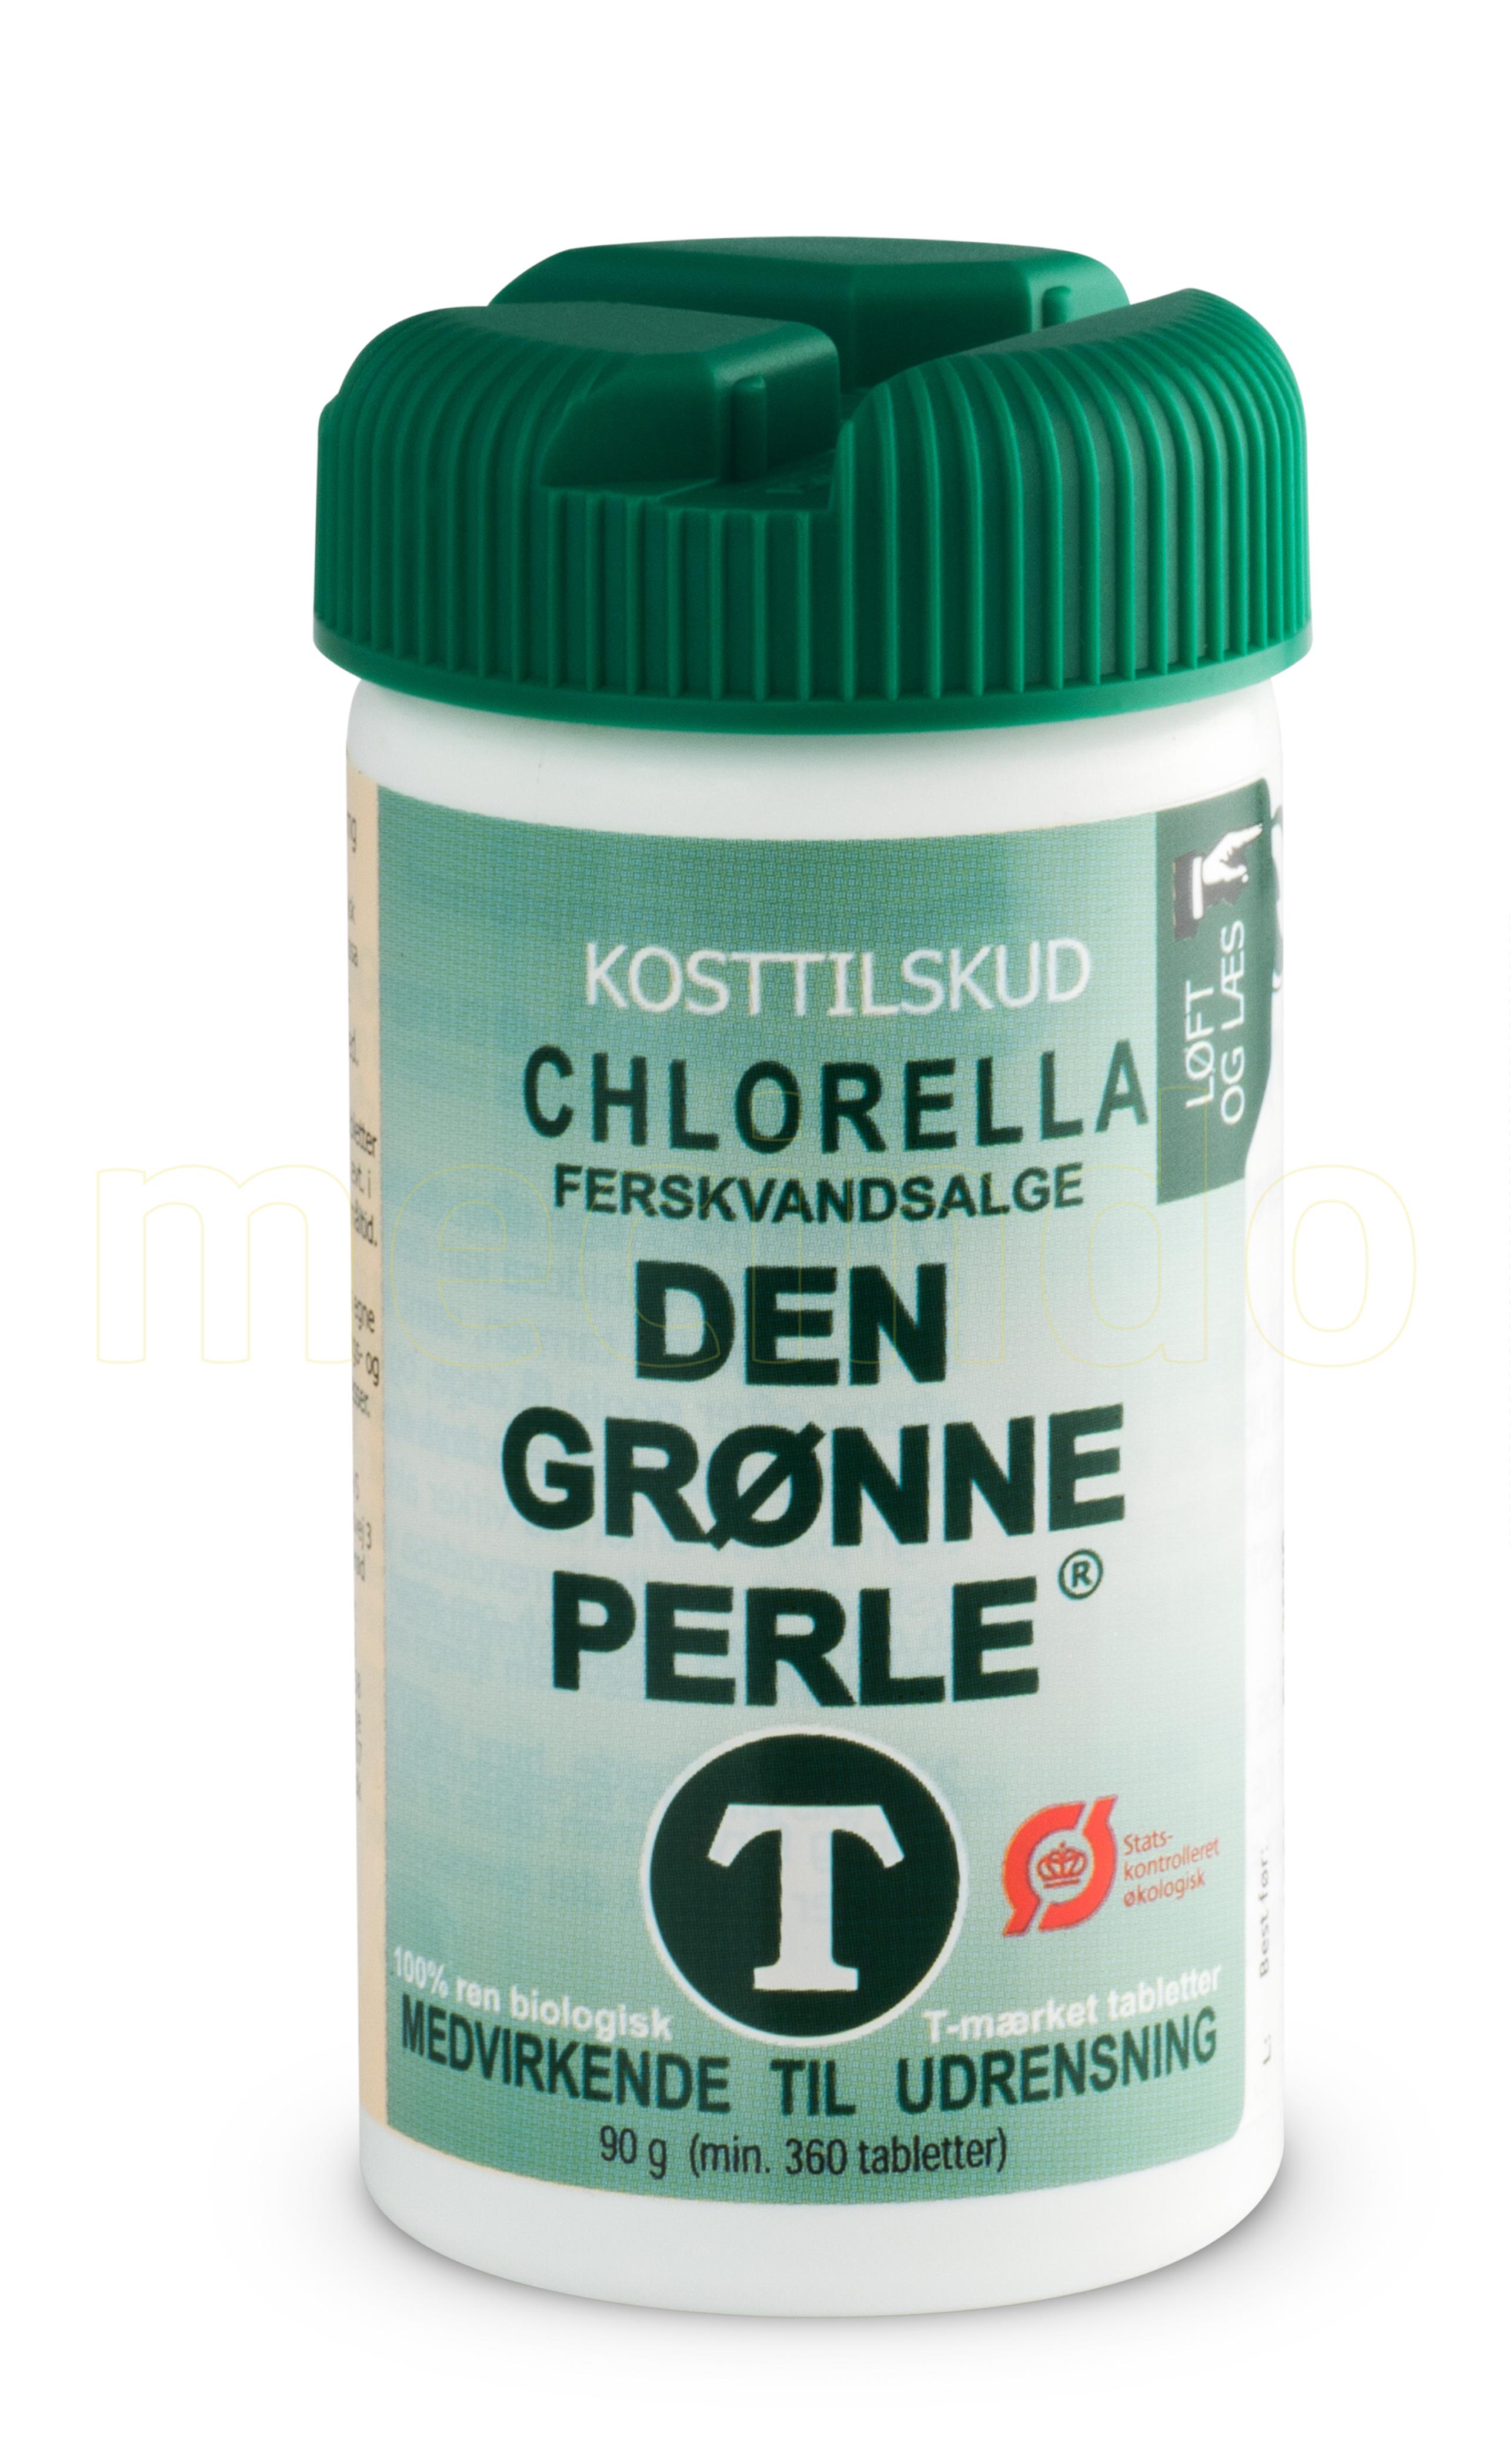 Chlorella Ferskvandsalge Chlorella Den Grønne Perle Ø